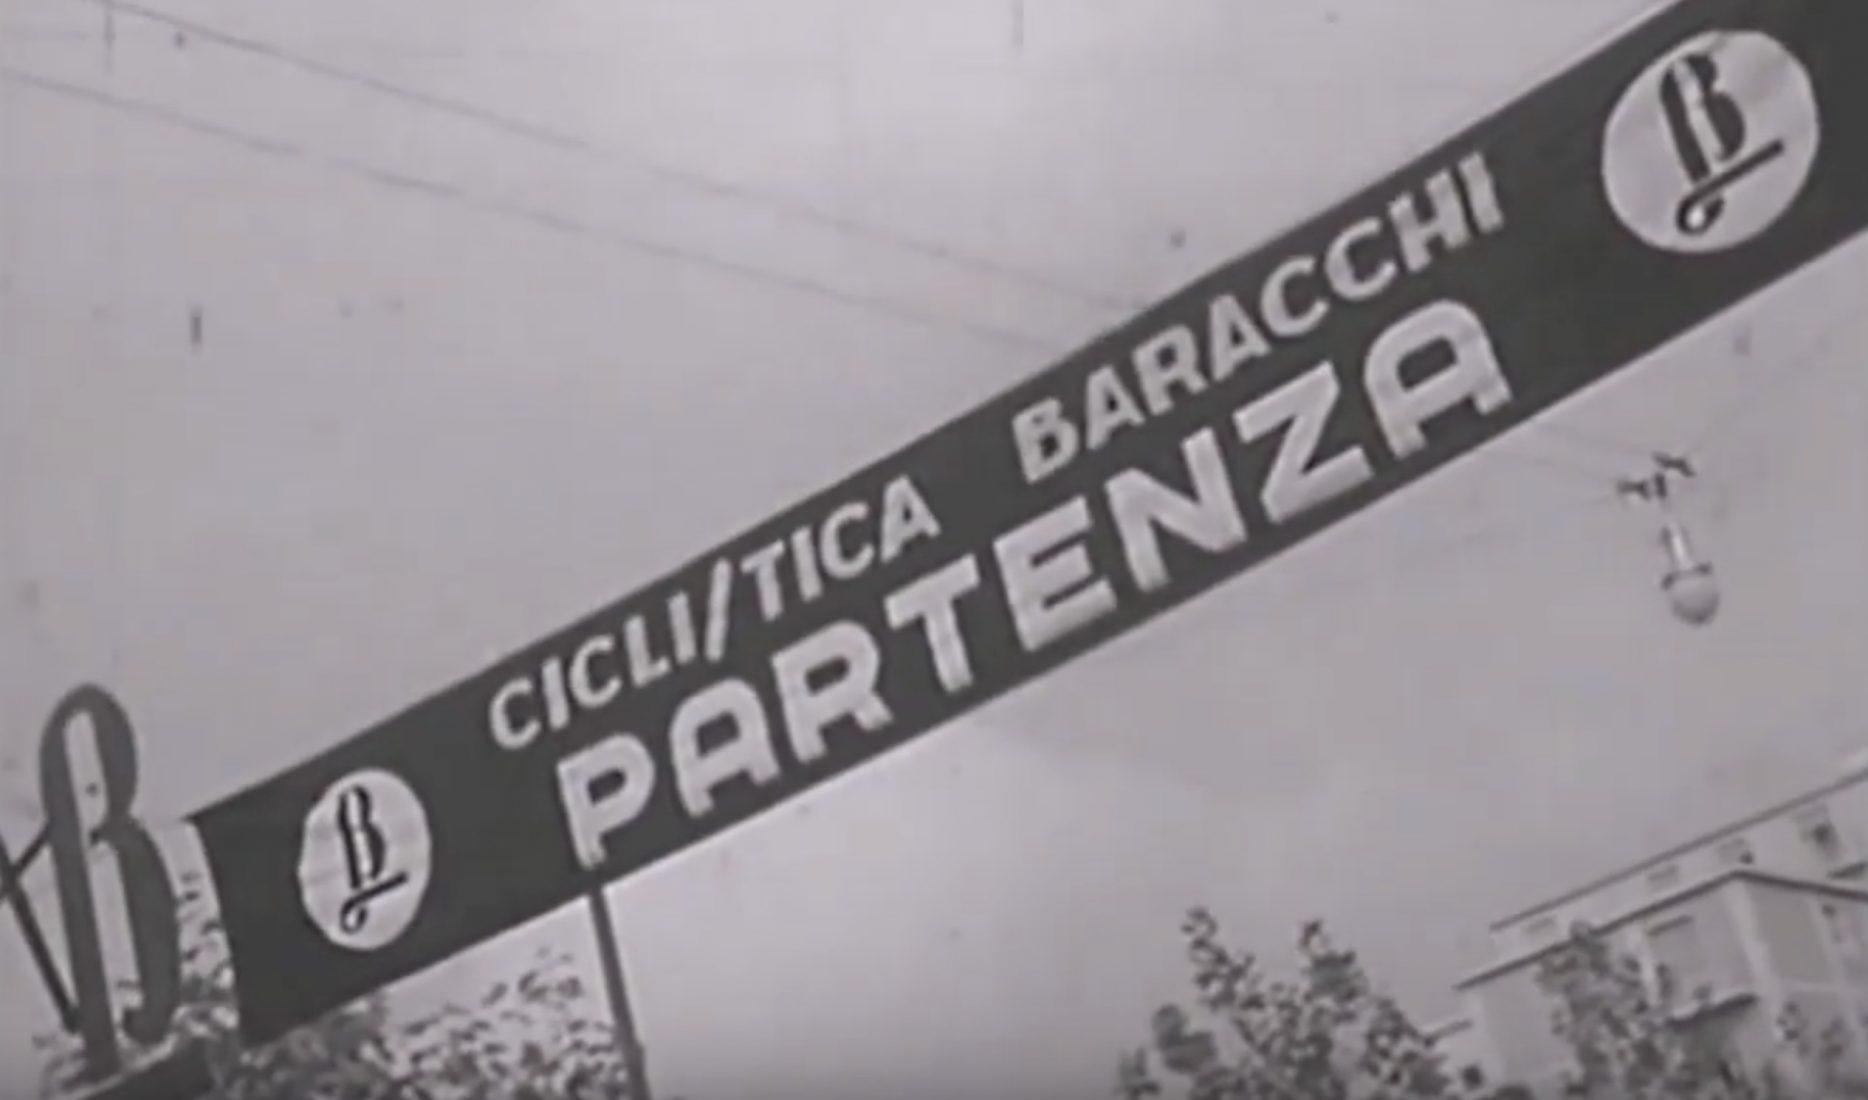 Grandi corse scomparse: il Trofeo Baracchi